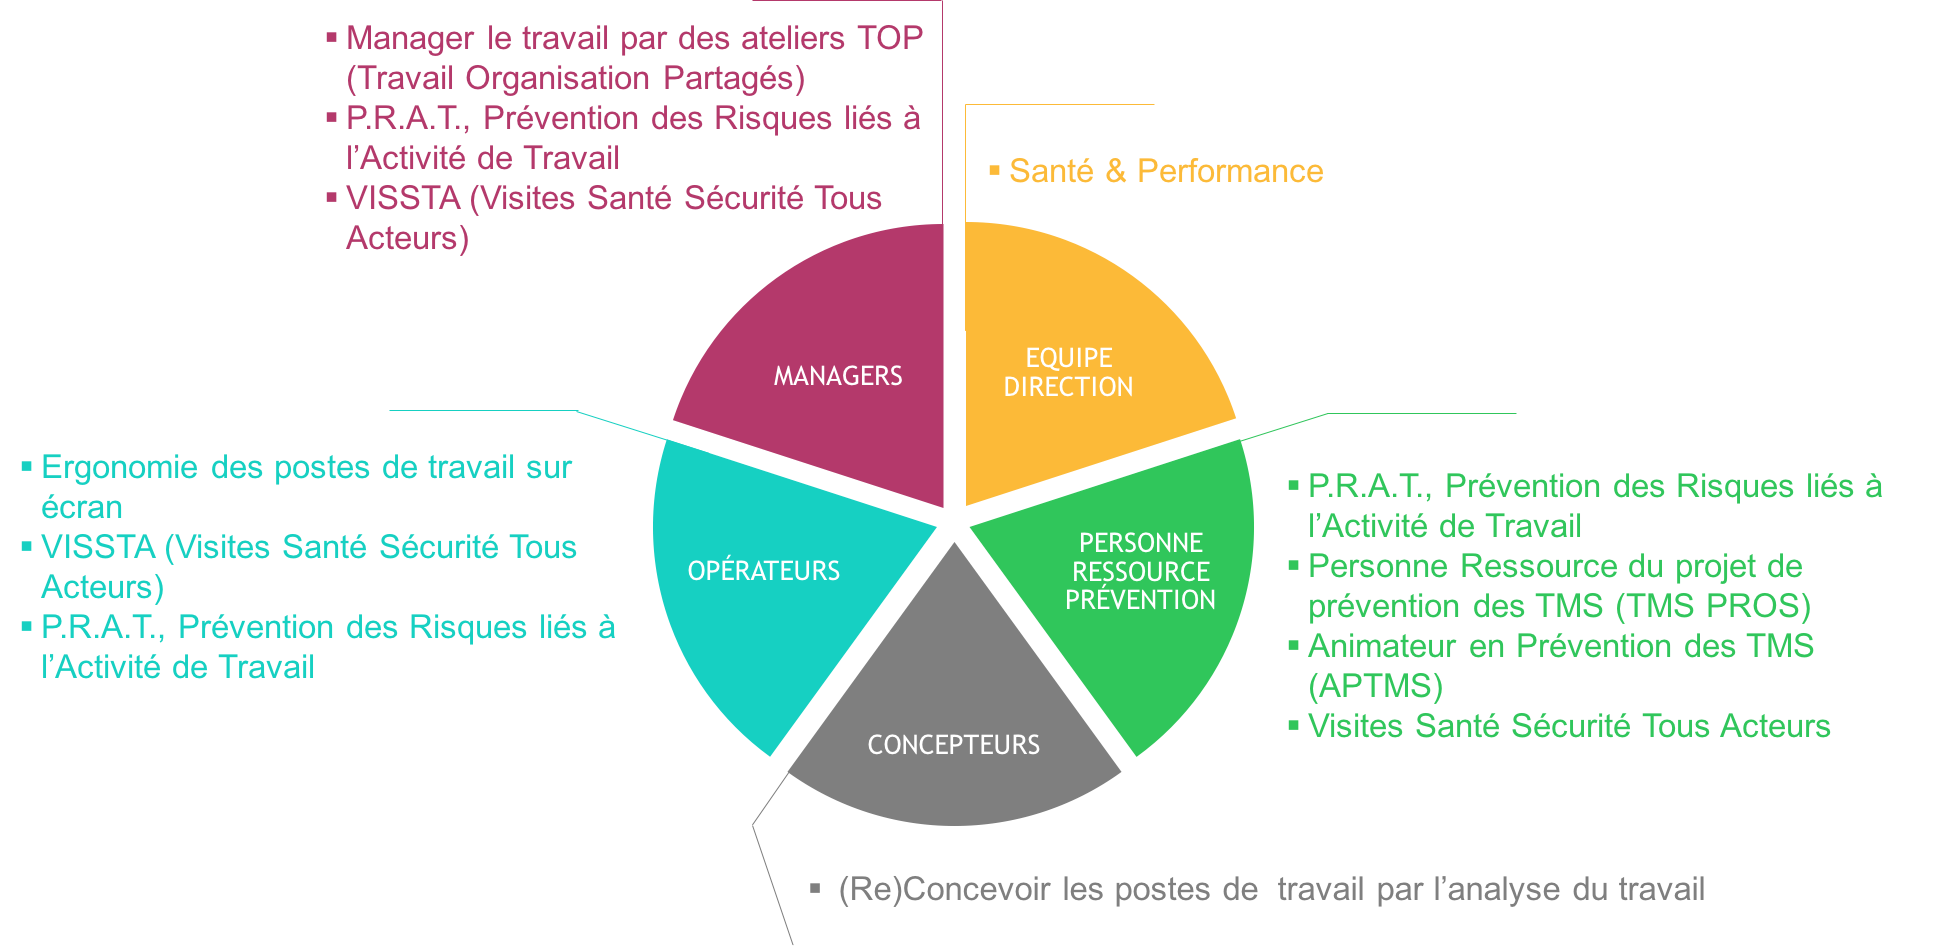 Schéma des différents postes contribuant de façons diverses à l'amélioration de la qualité de vie au travail